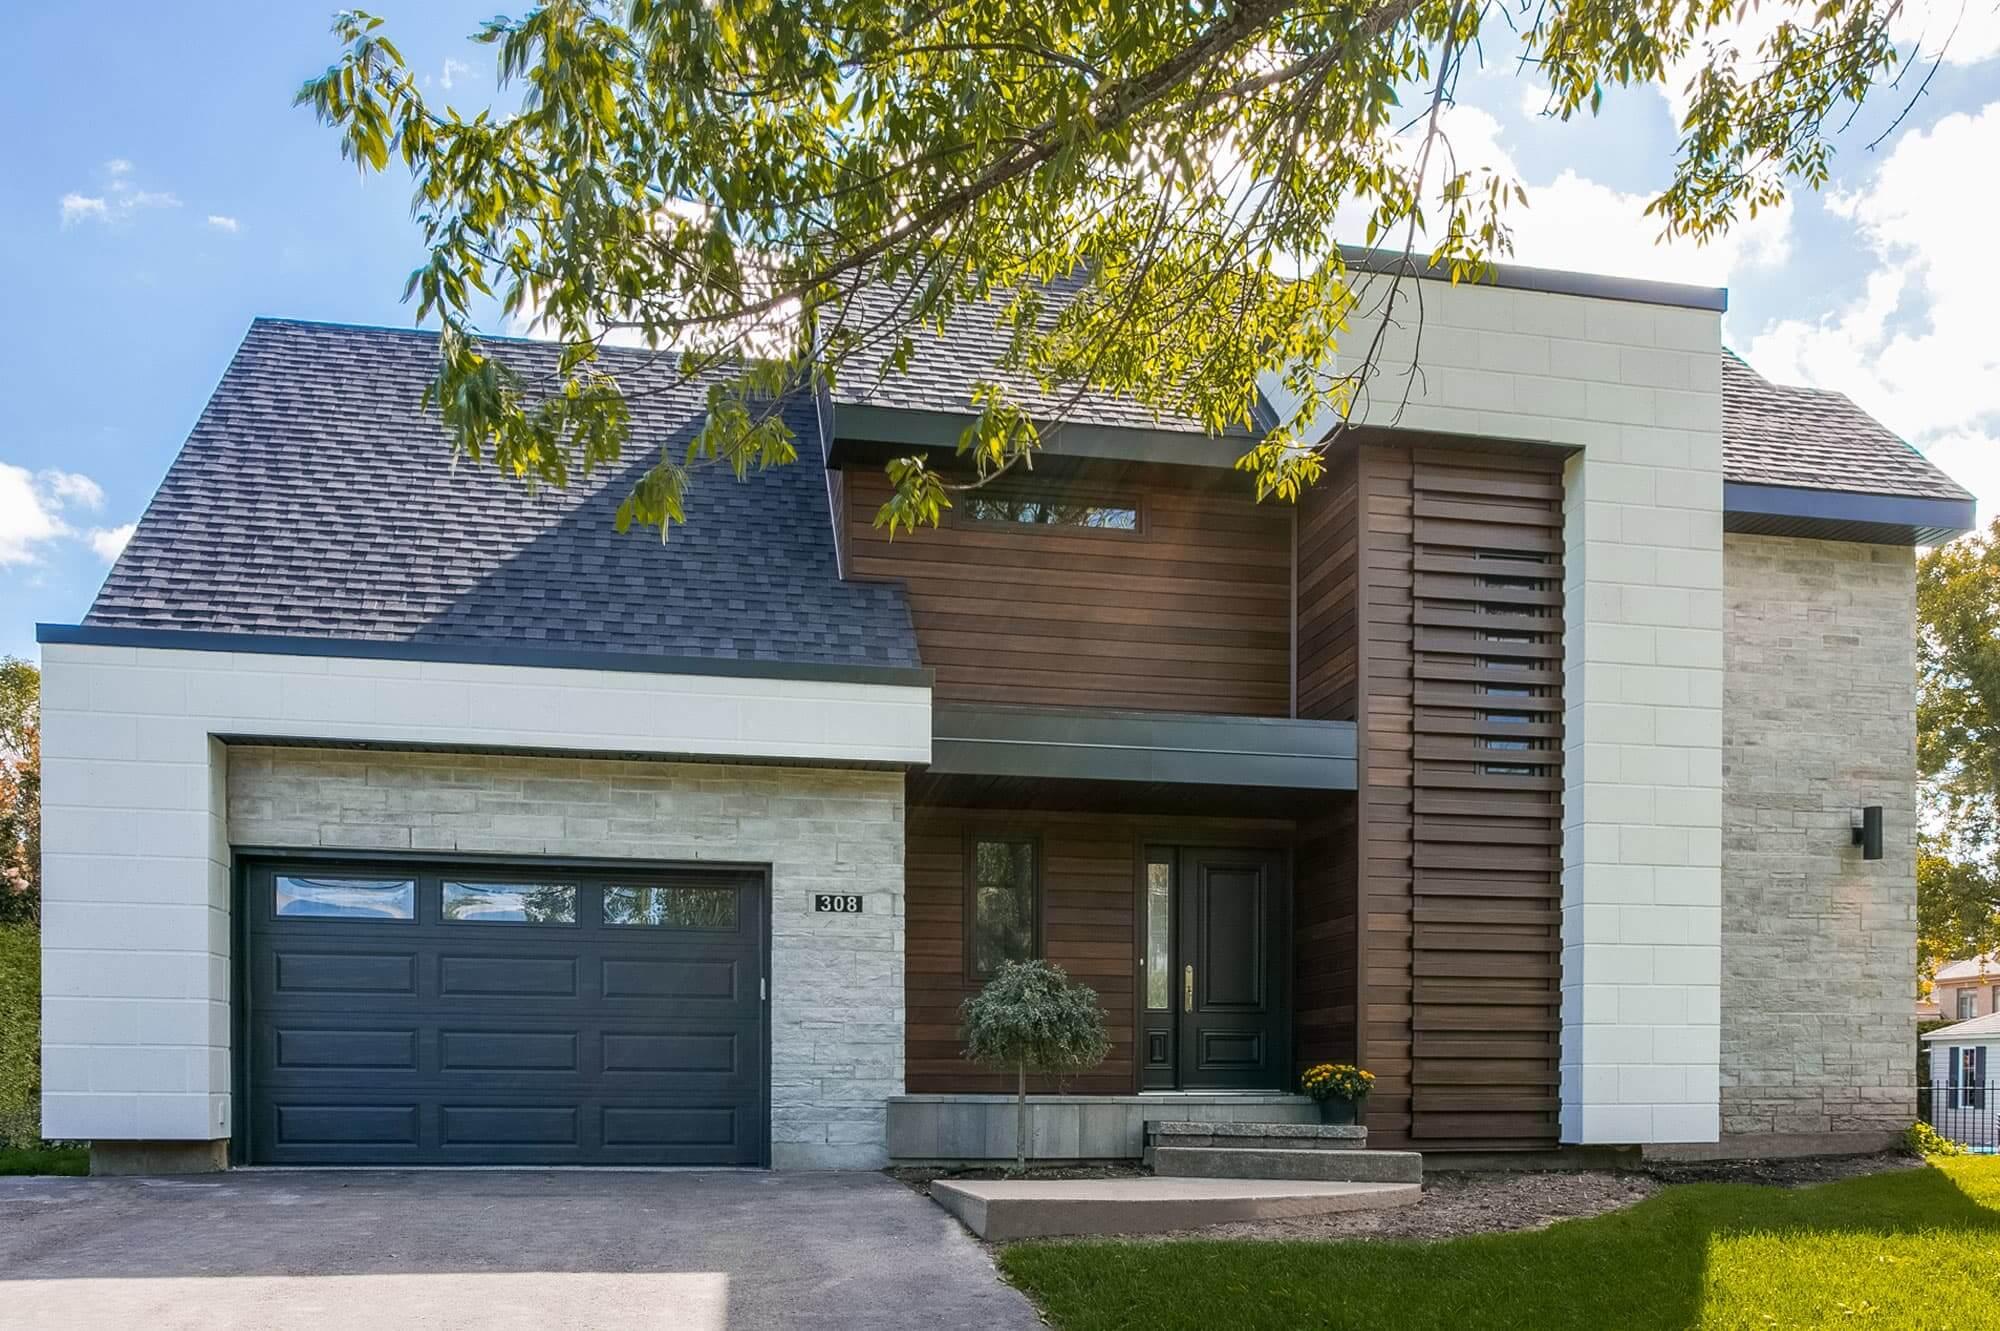 Relooking Maison Avant Apres changement majeur des façades d'une maison avant/après